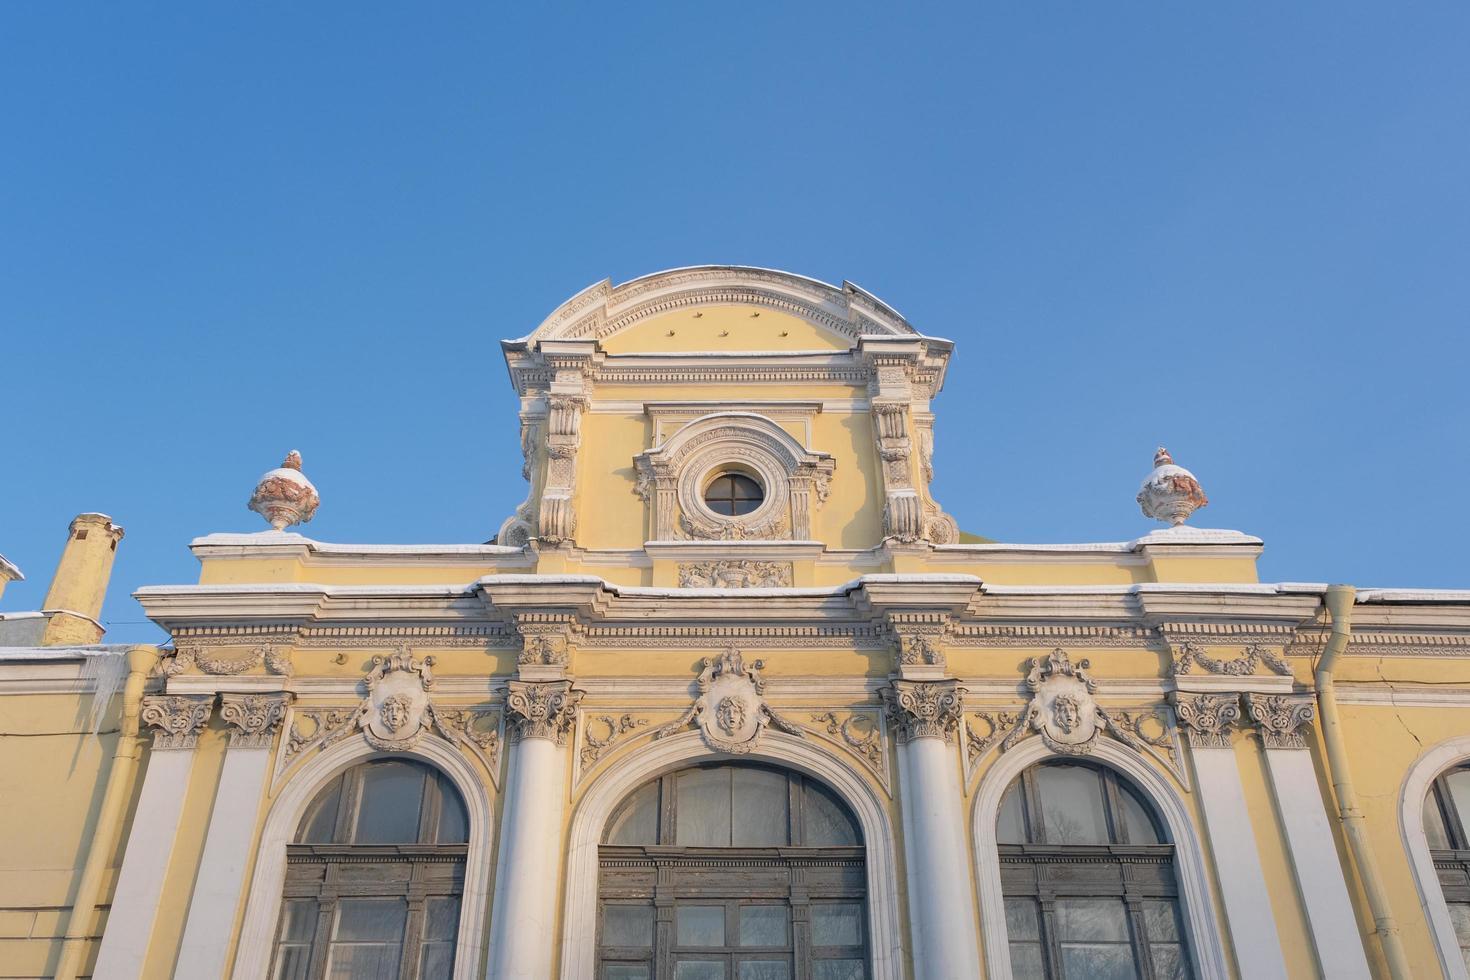 pintoresca fachada de una antigua casa histórica en st. petersburgo rusia foto